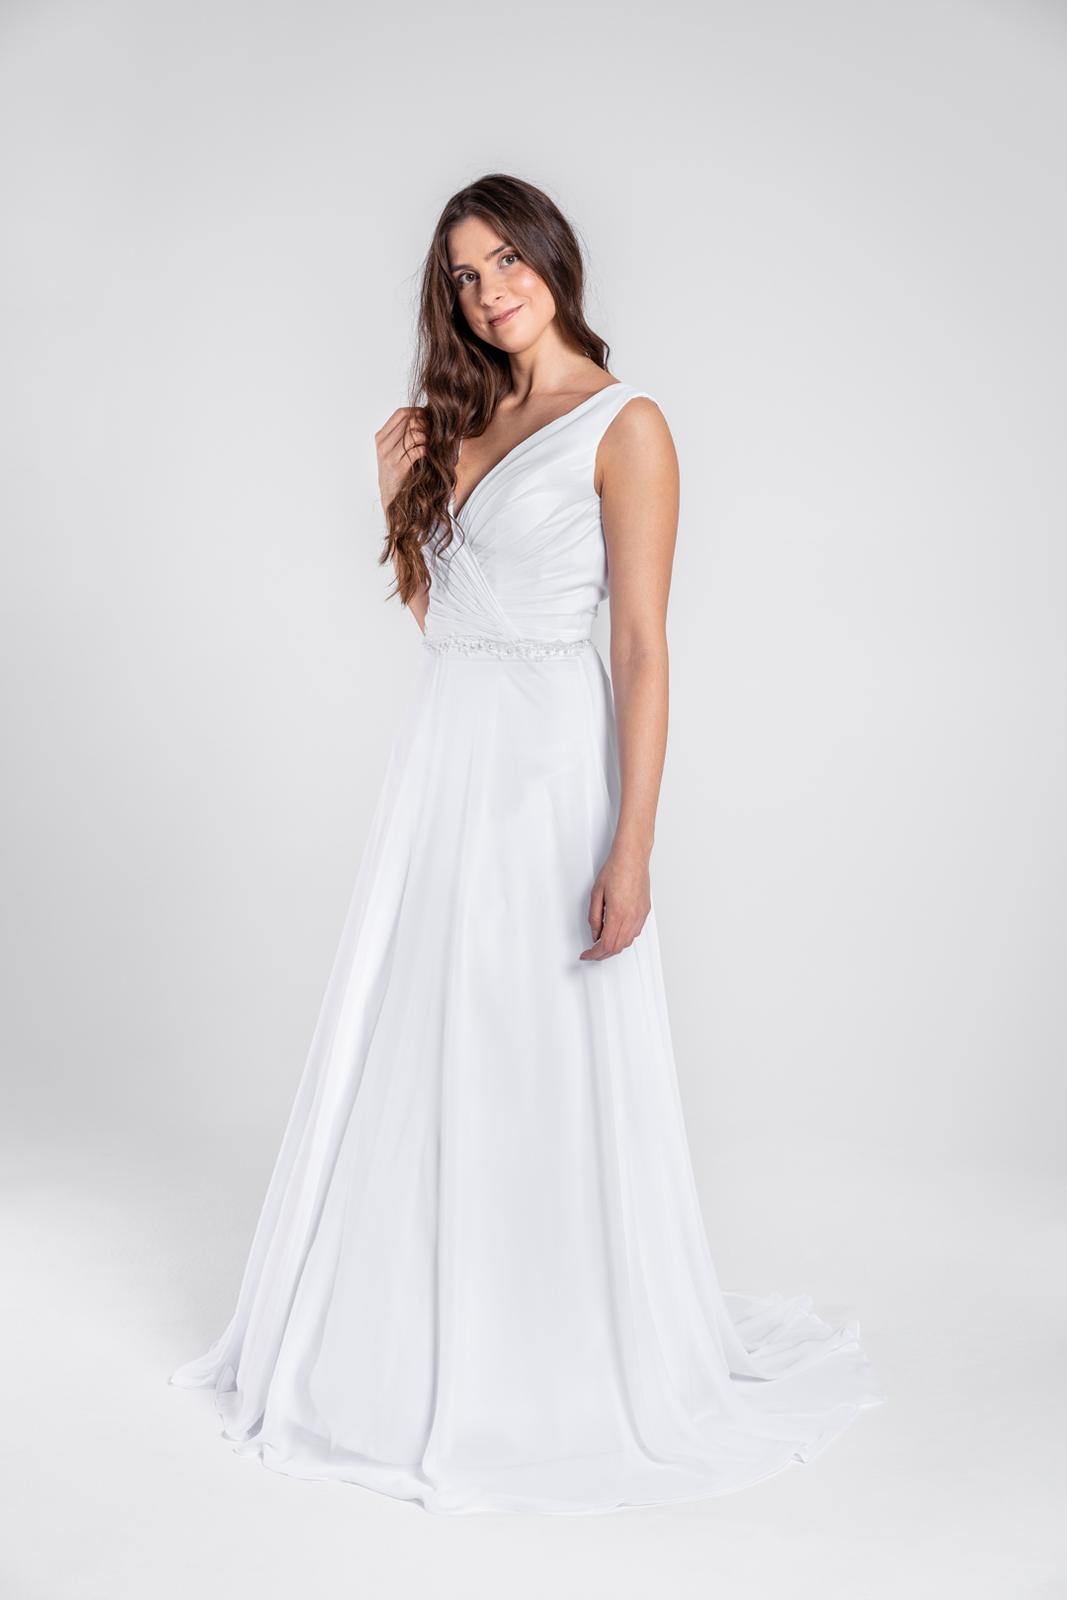 Překrásné jednoduché svatební šaty 36-38 - Obrázek č. 1